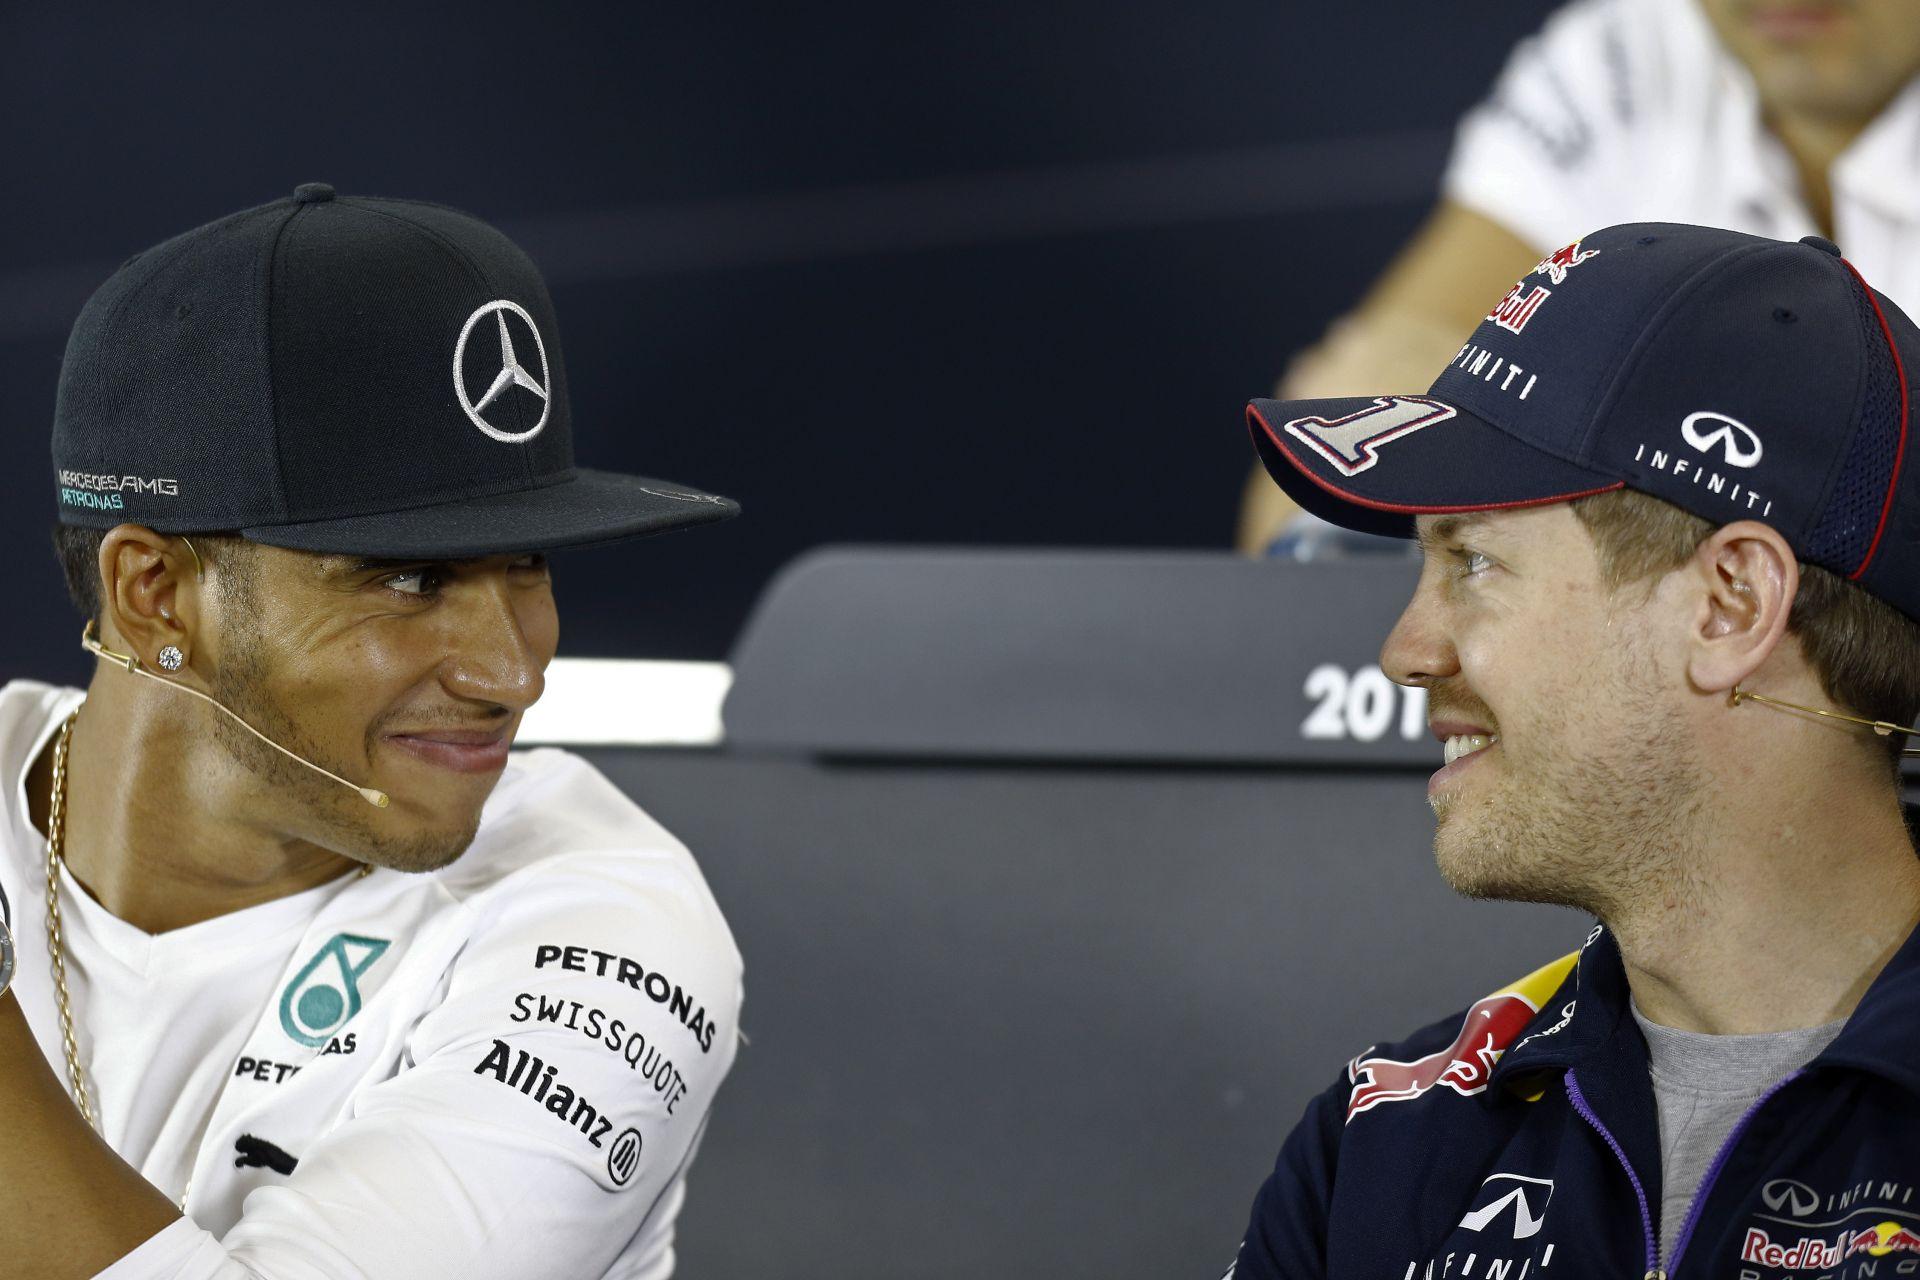 Red Bull: Elgondolkoztunk Hamilton leszerződtetésén, de végül dobtuk az ötletet